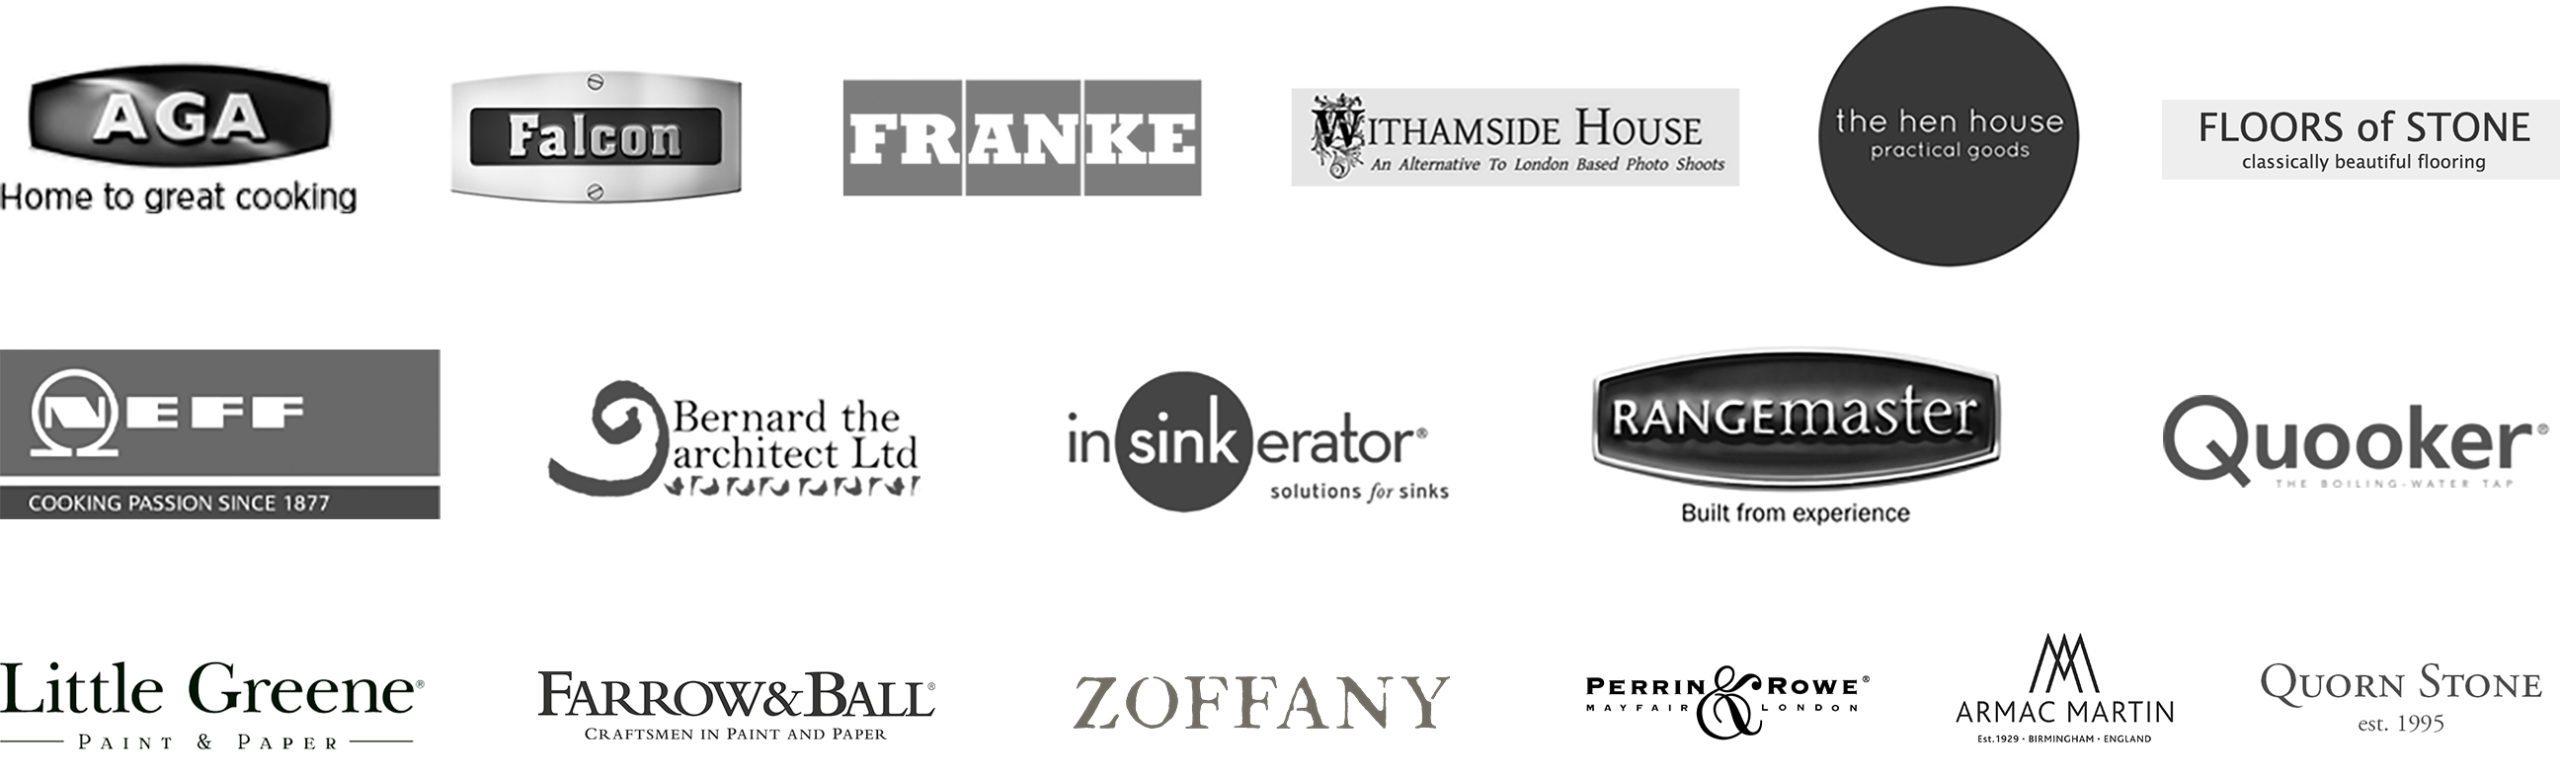 Partner Logos Mobile Optimized